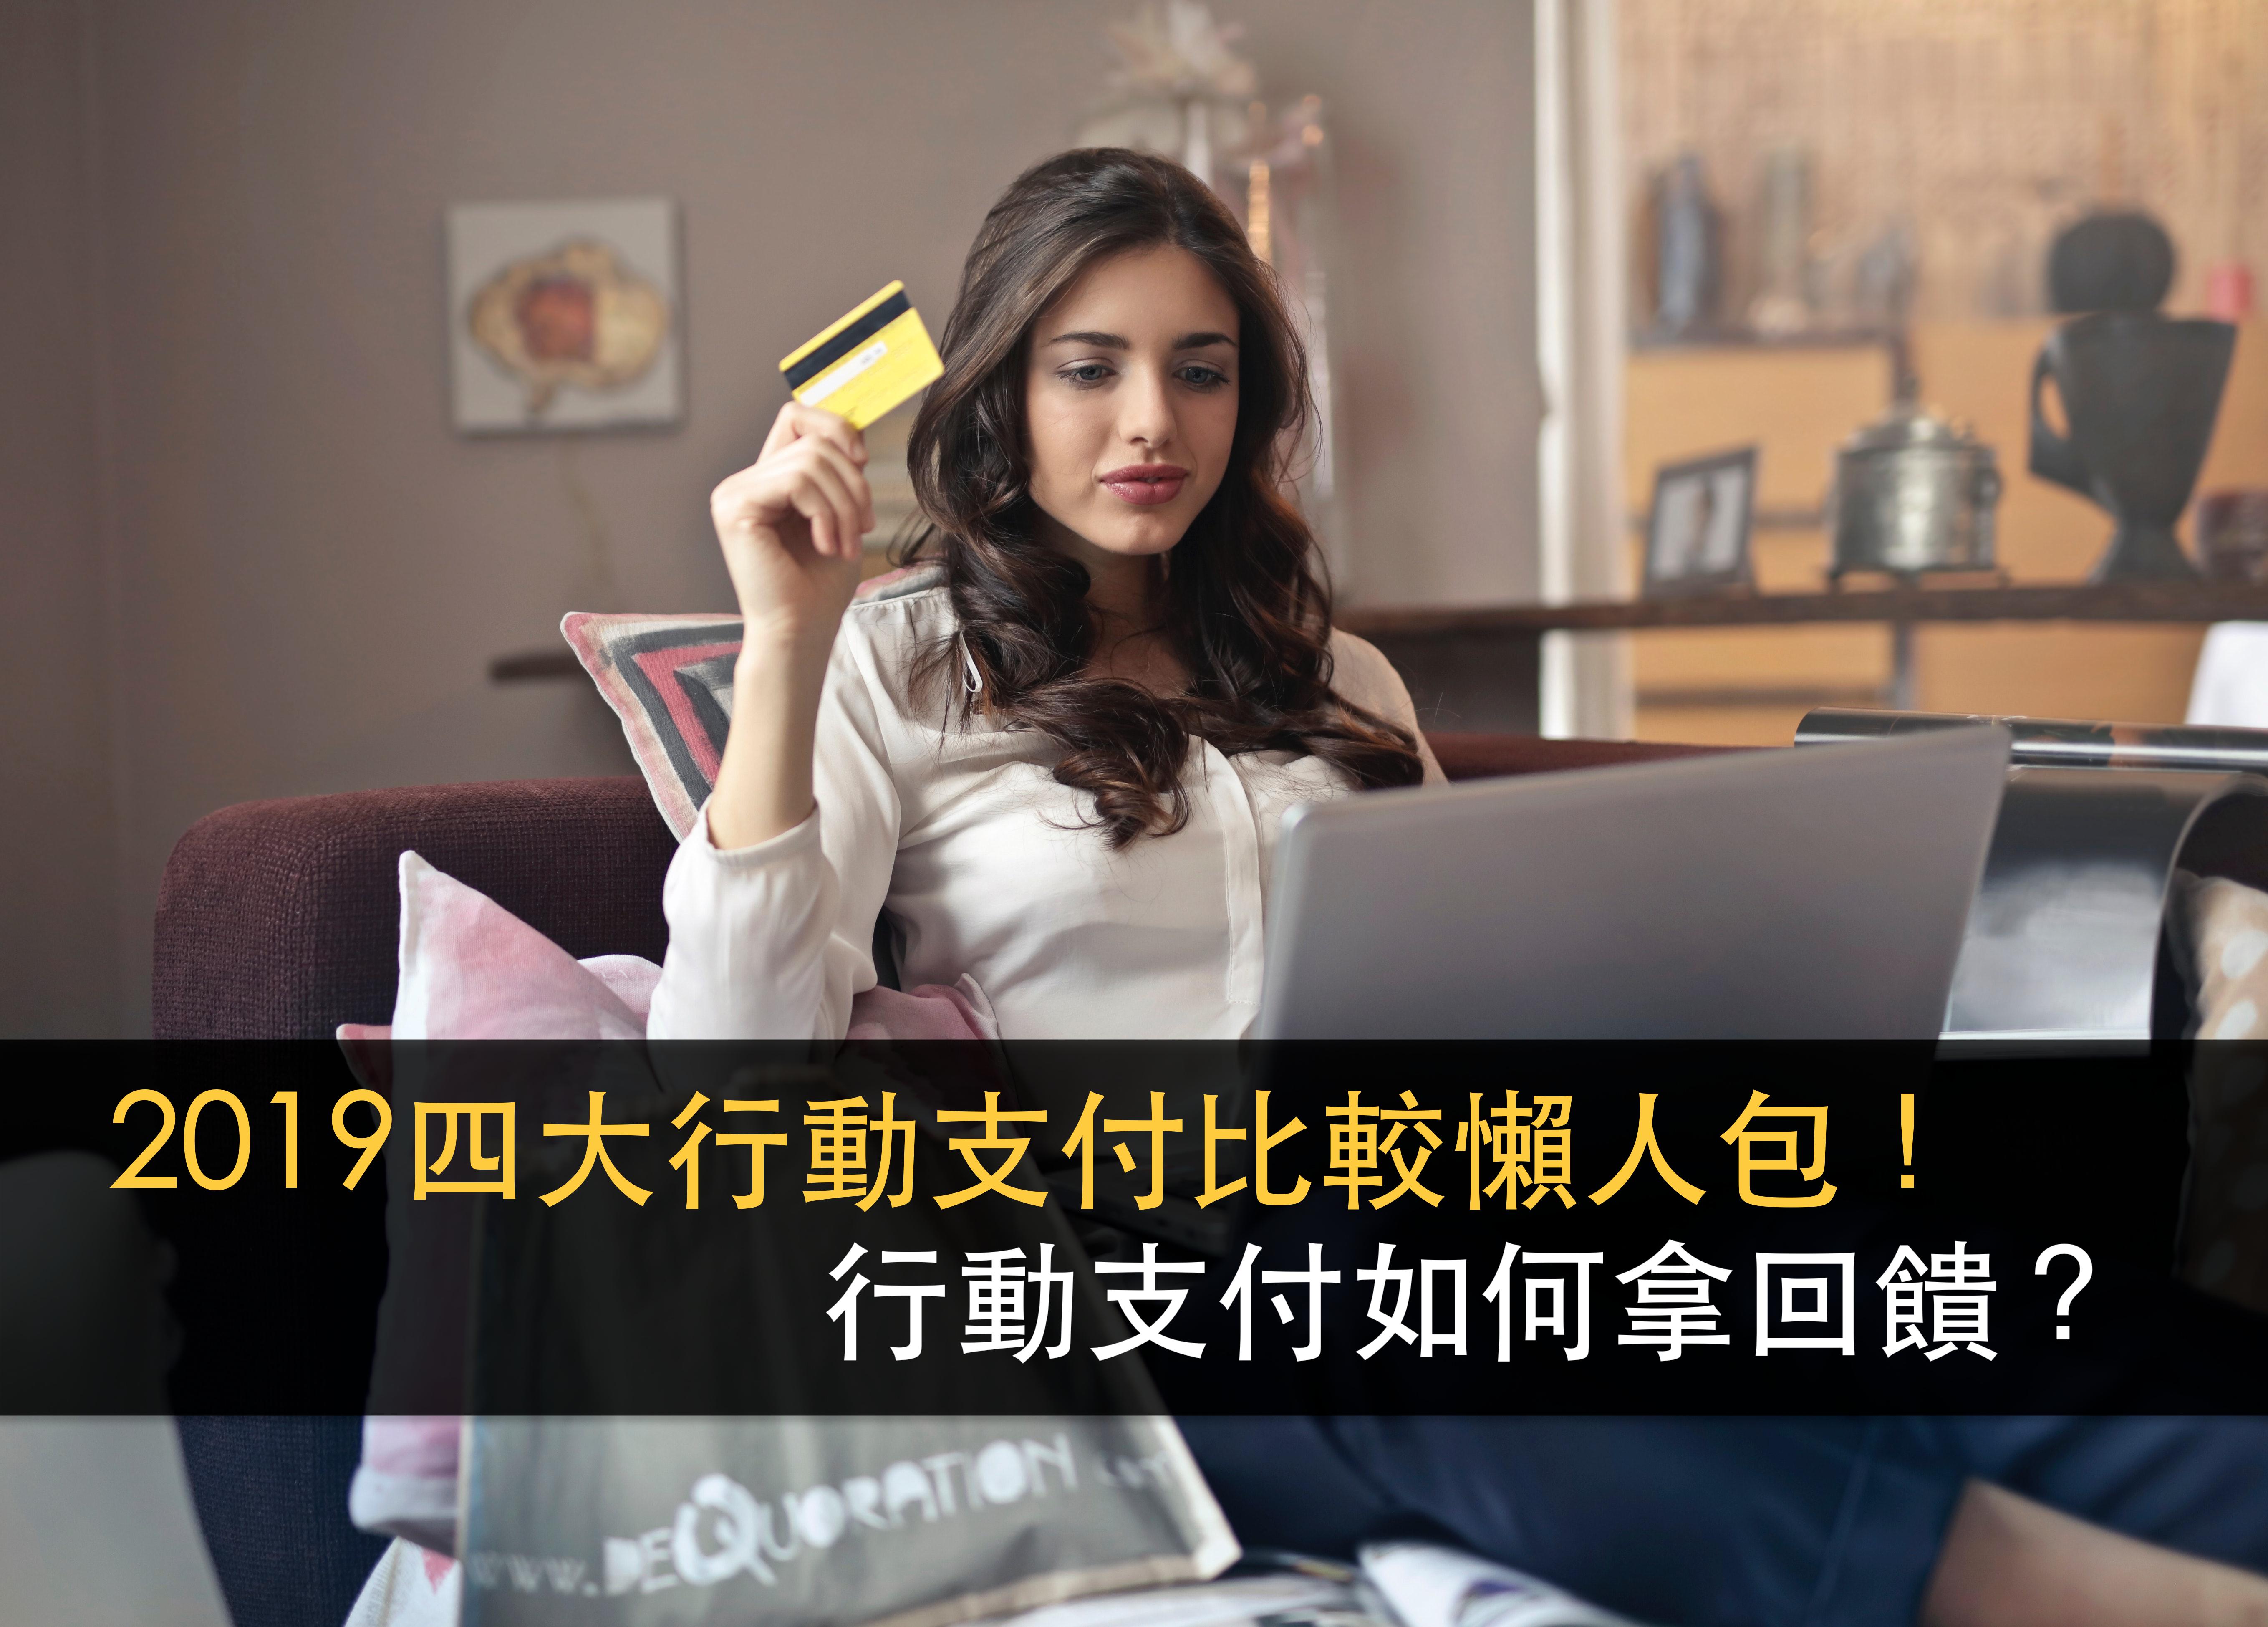 [2019]四大行動支付比較懶人包 ! 行動支付如何拿回饋?(4月更新)